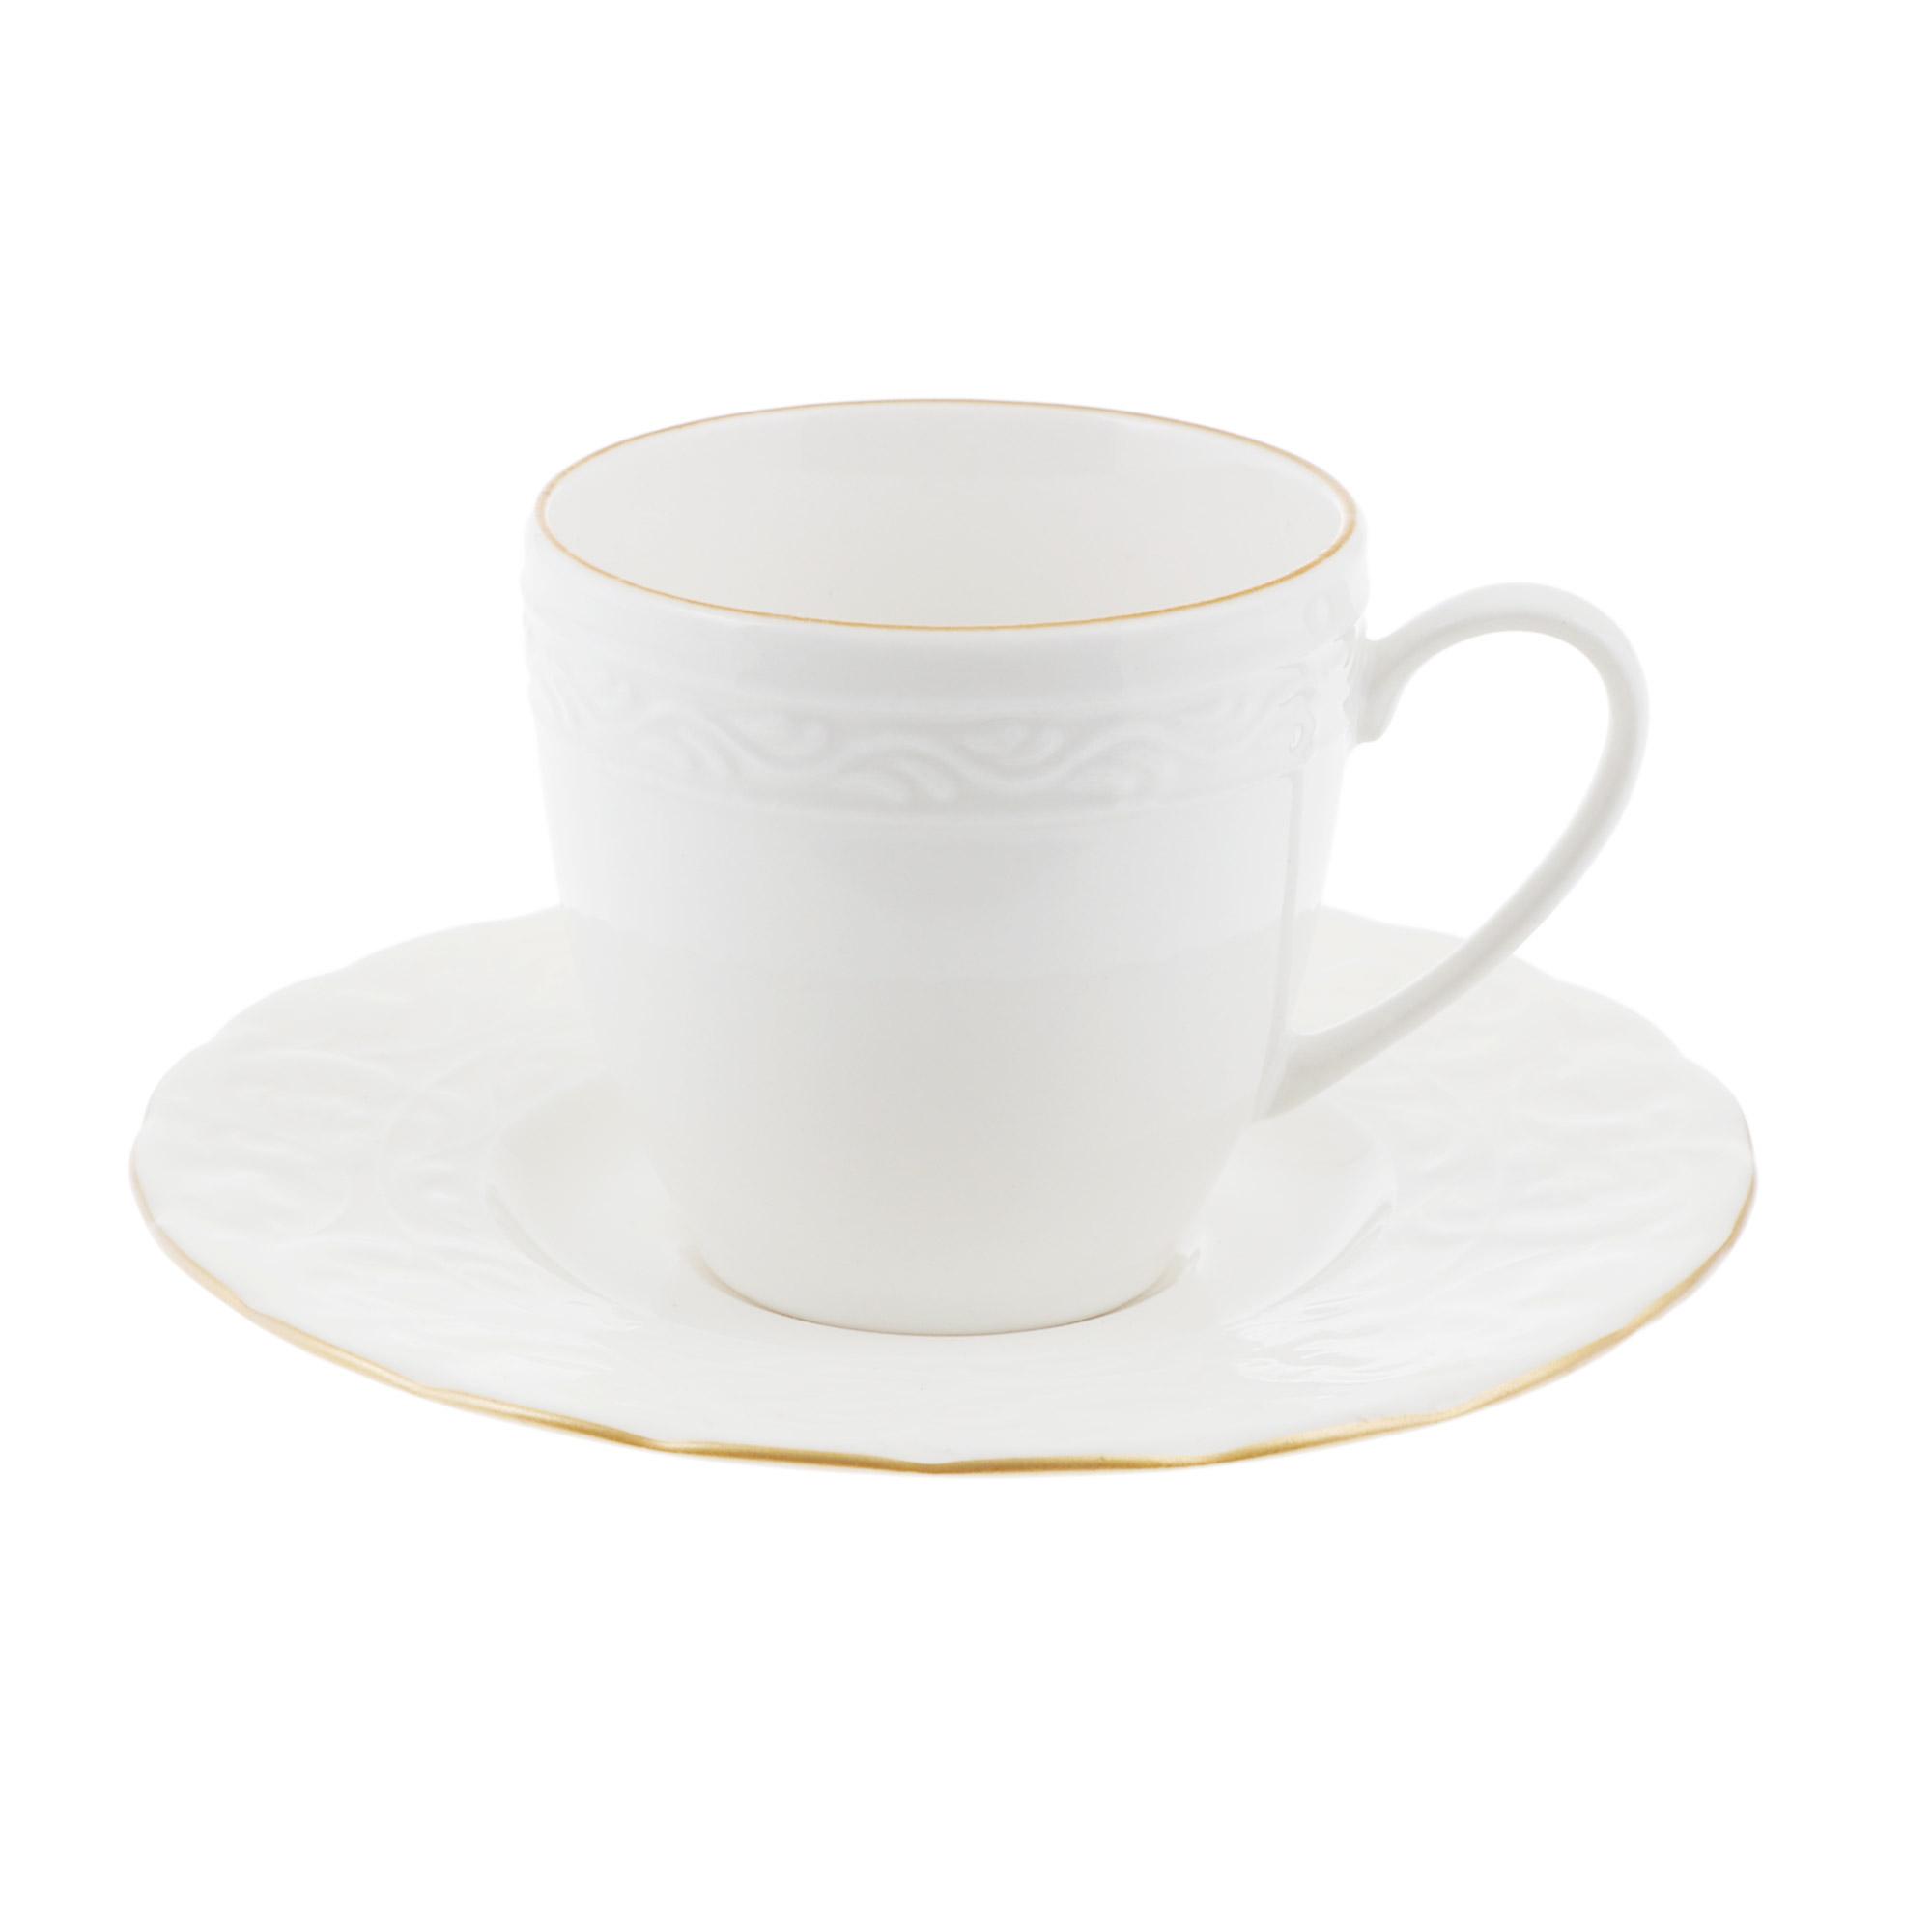 Чашка с блюдцем кофейная 100 мл Kutahya porselen Basak отводка золото